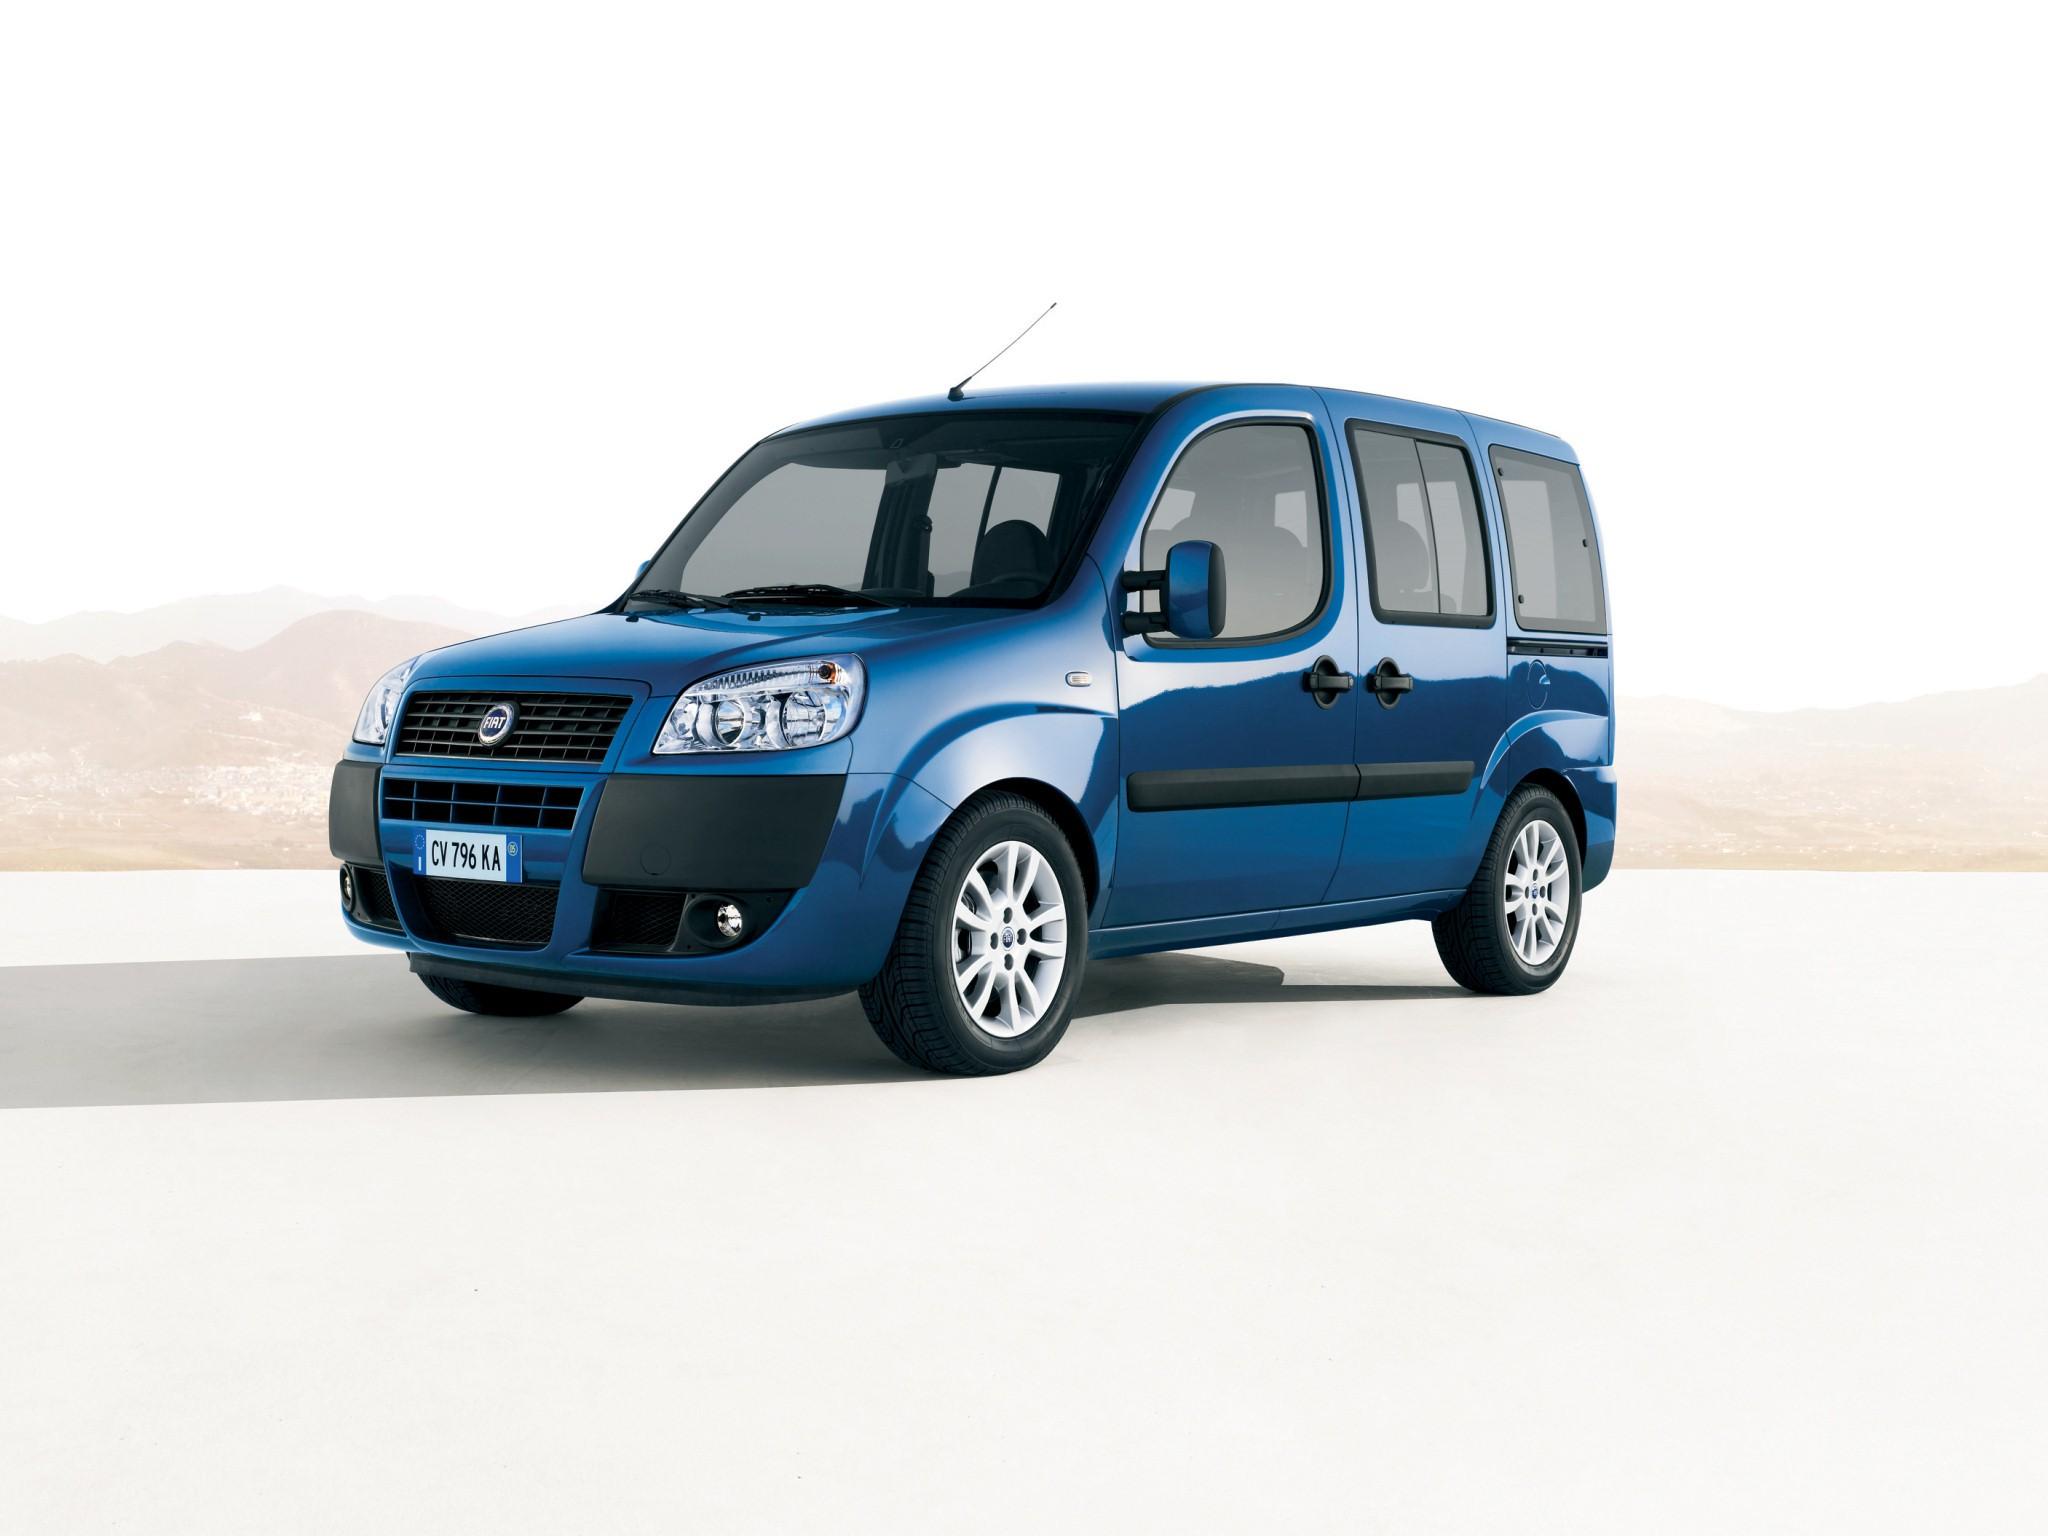 2005 Fiat Doblo